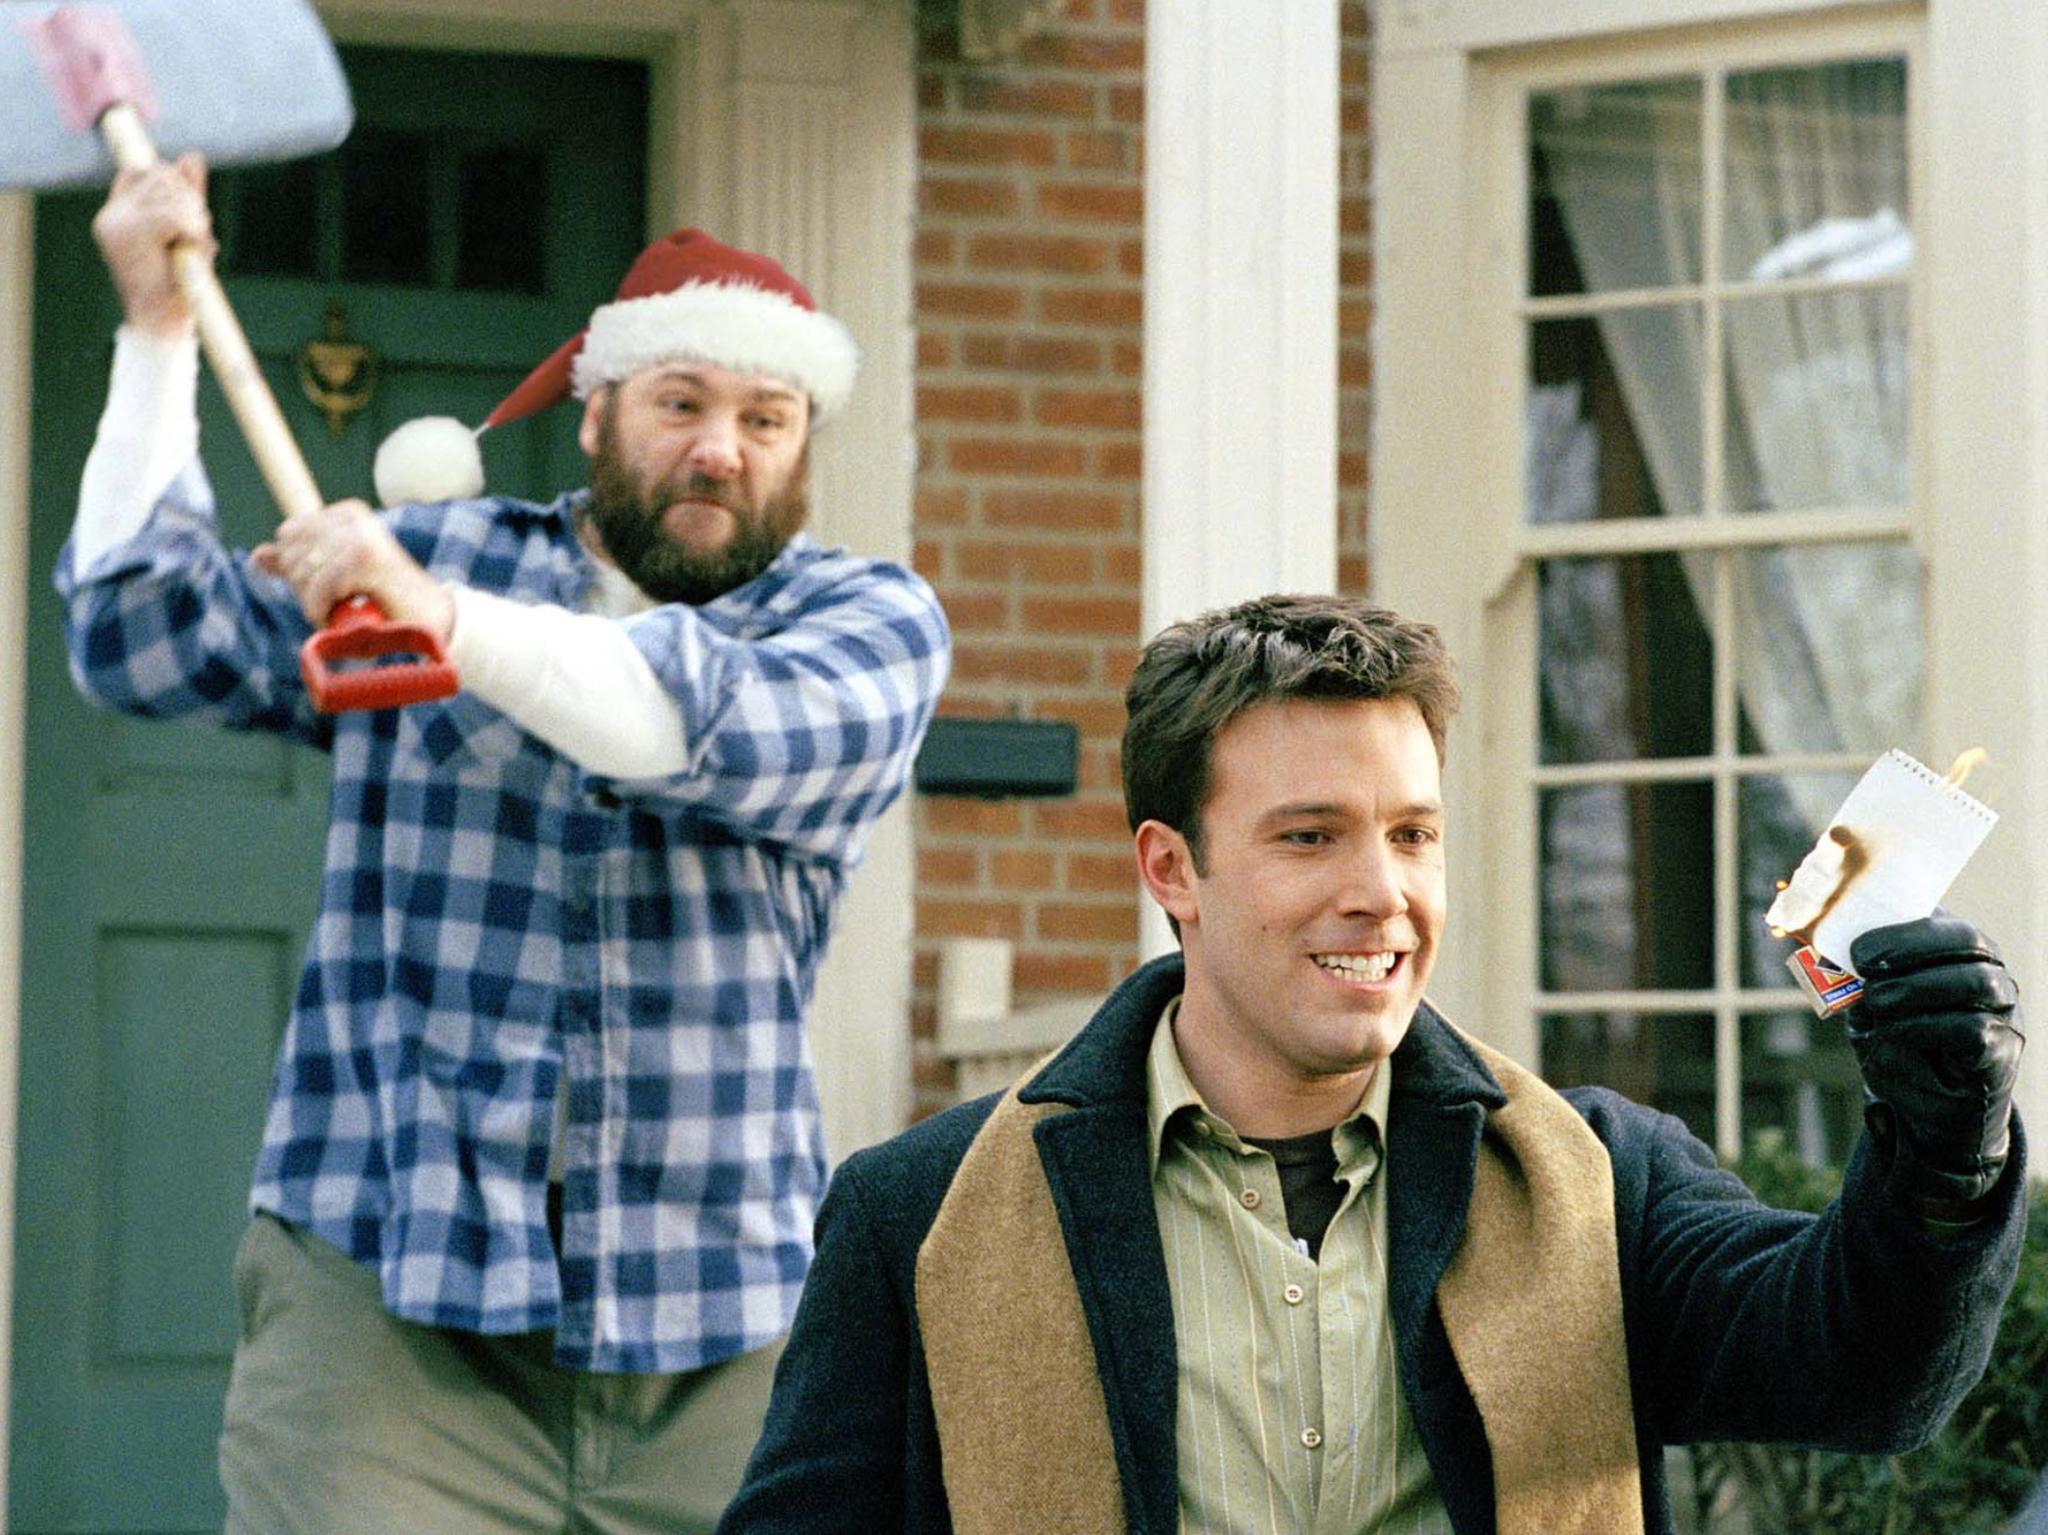 Surviving Christmas, película navideña protagonizada por Ben Affleck y Christina Applegate